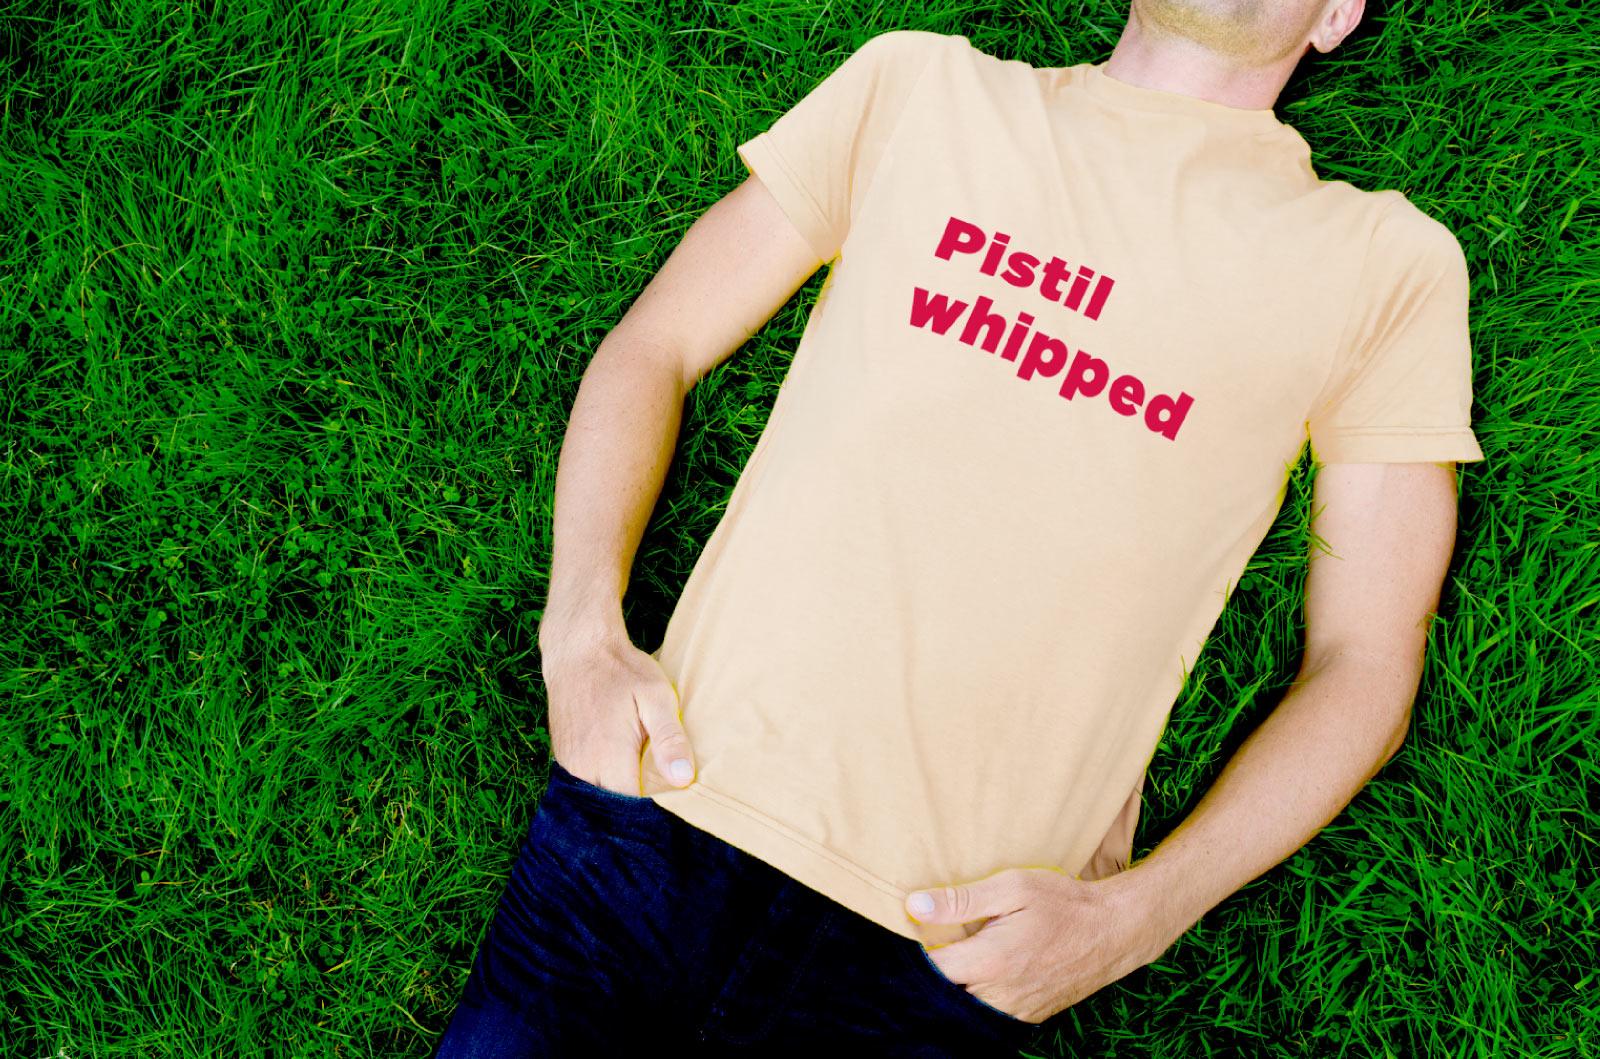 mslk-m-erbs-t-shirt-1